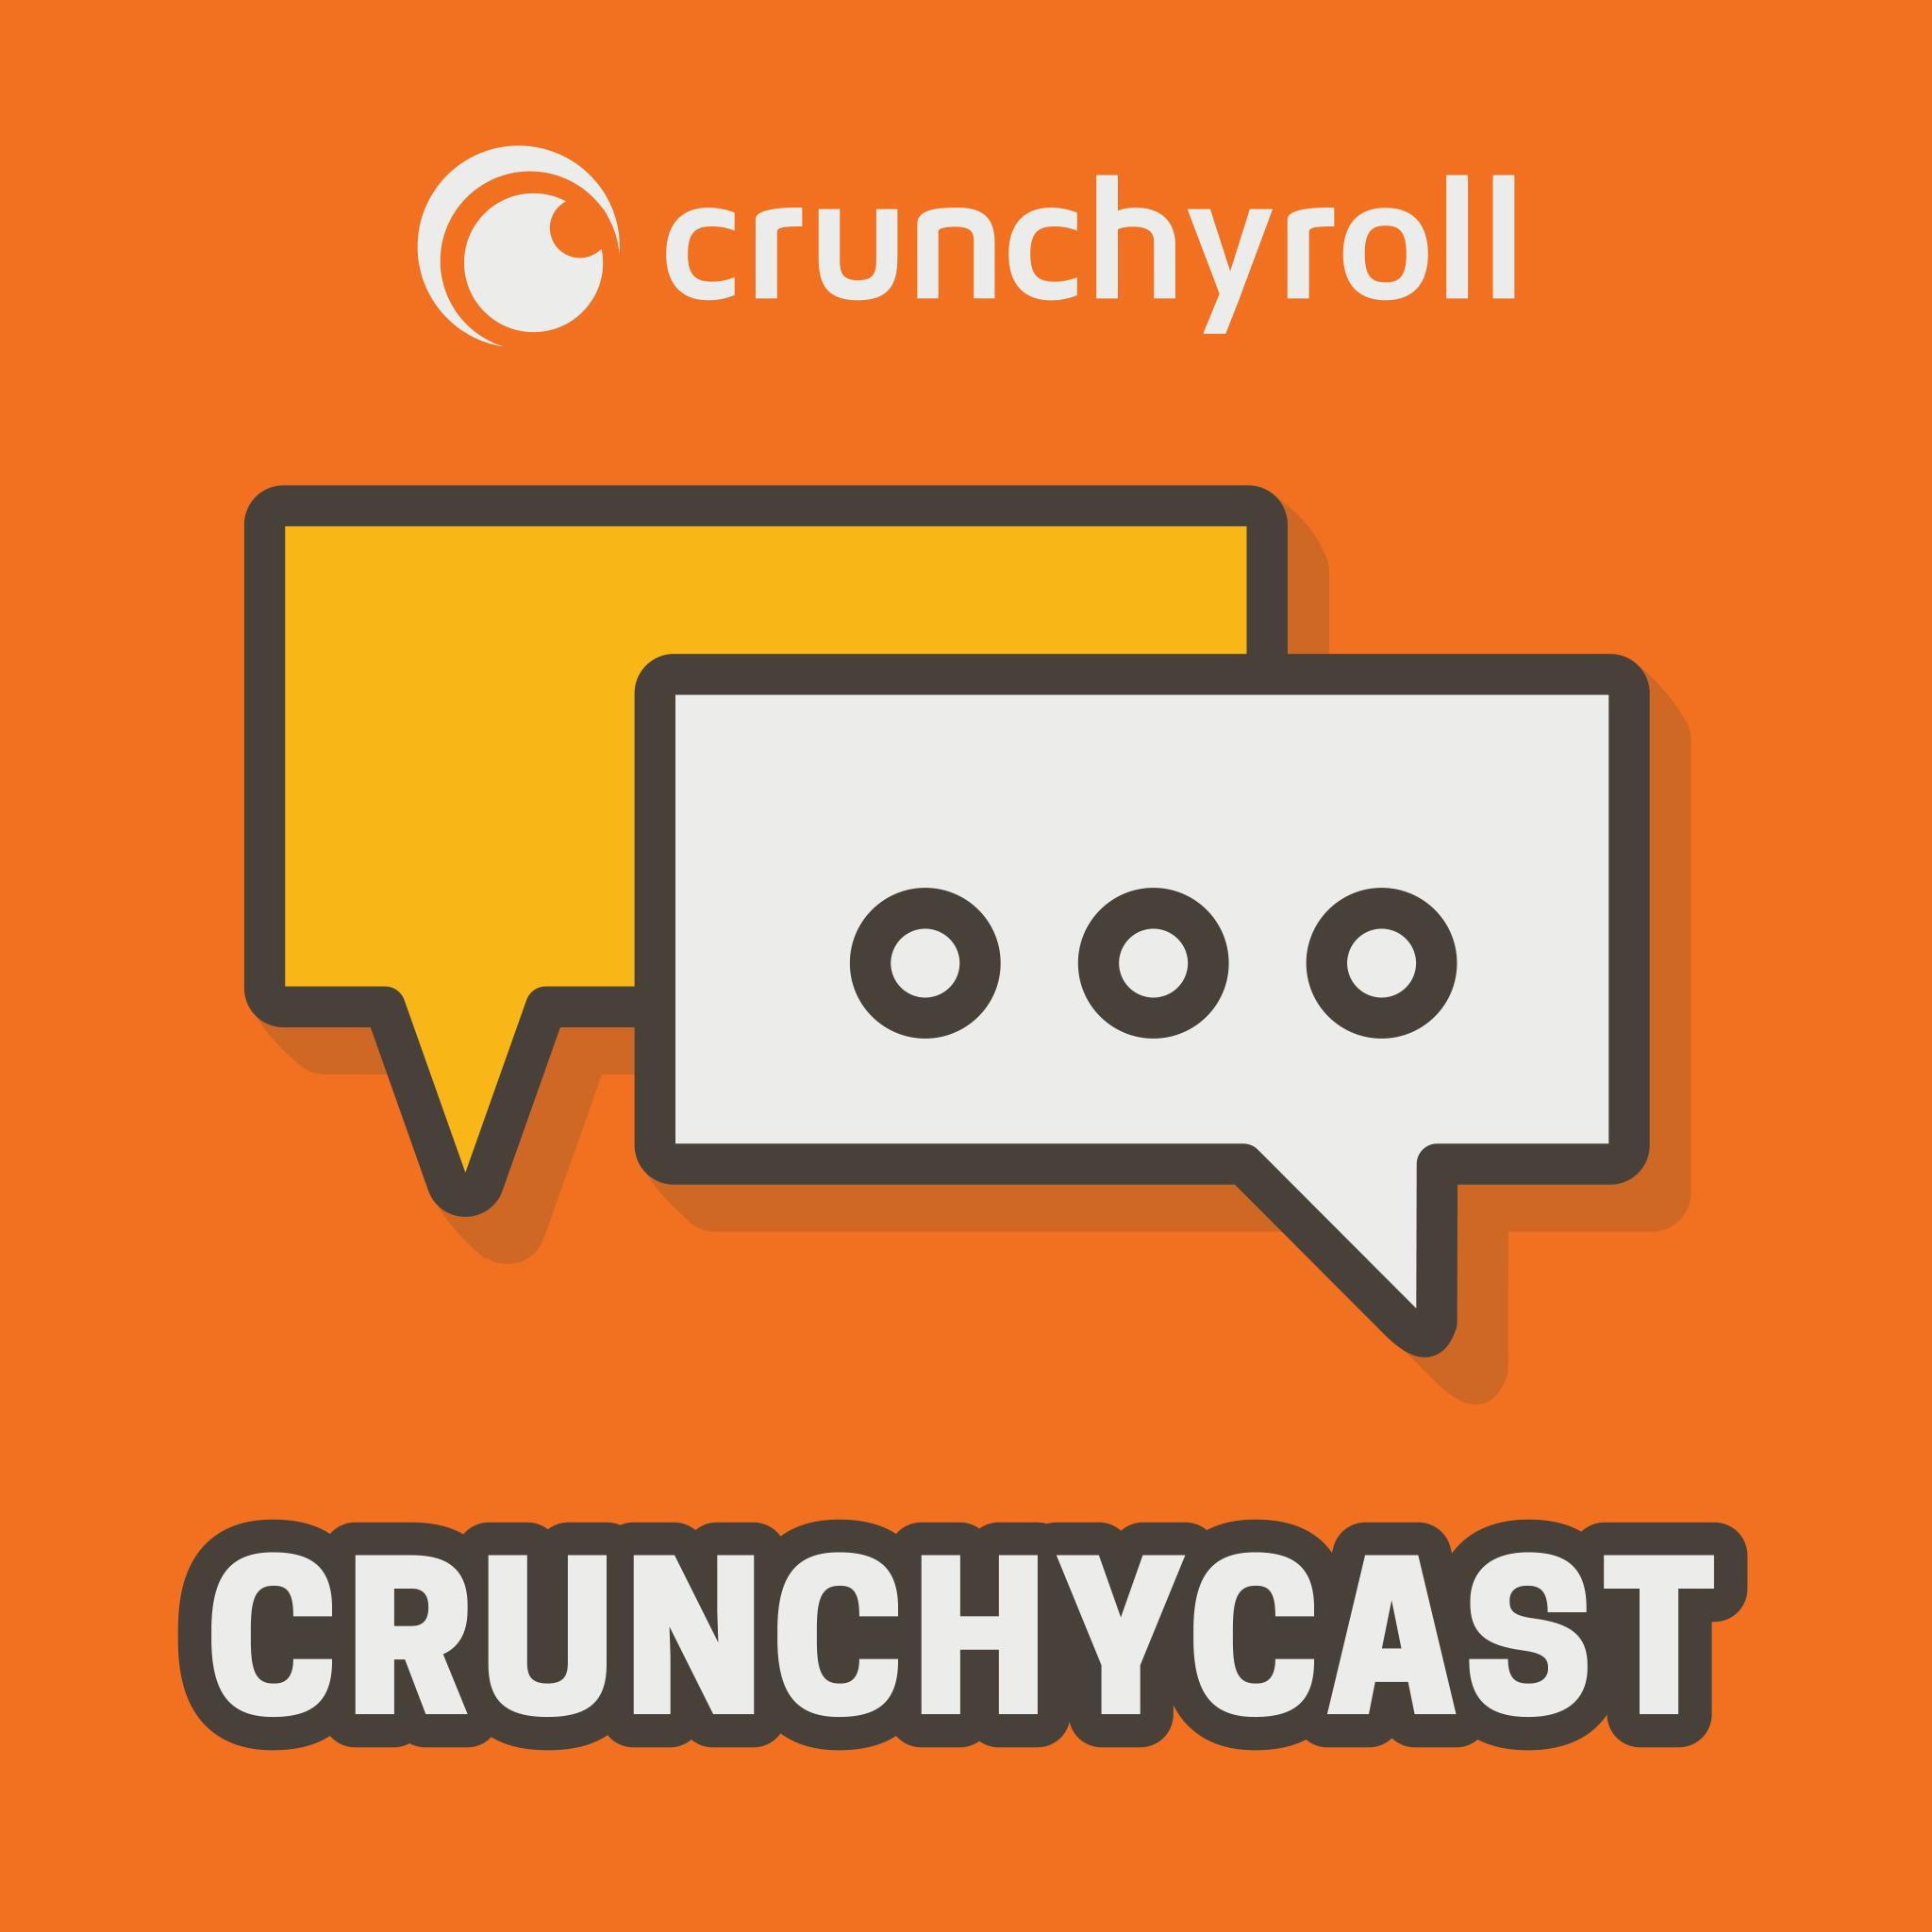 Crunchycast show art